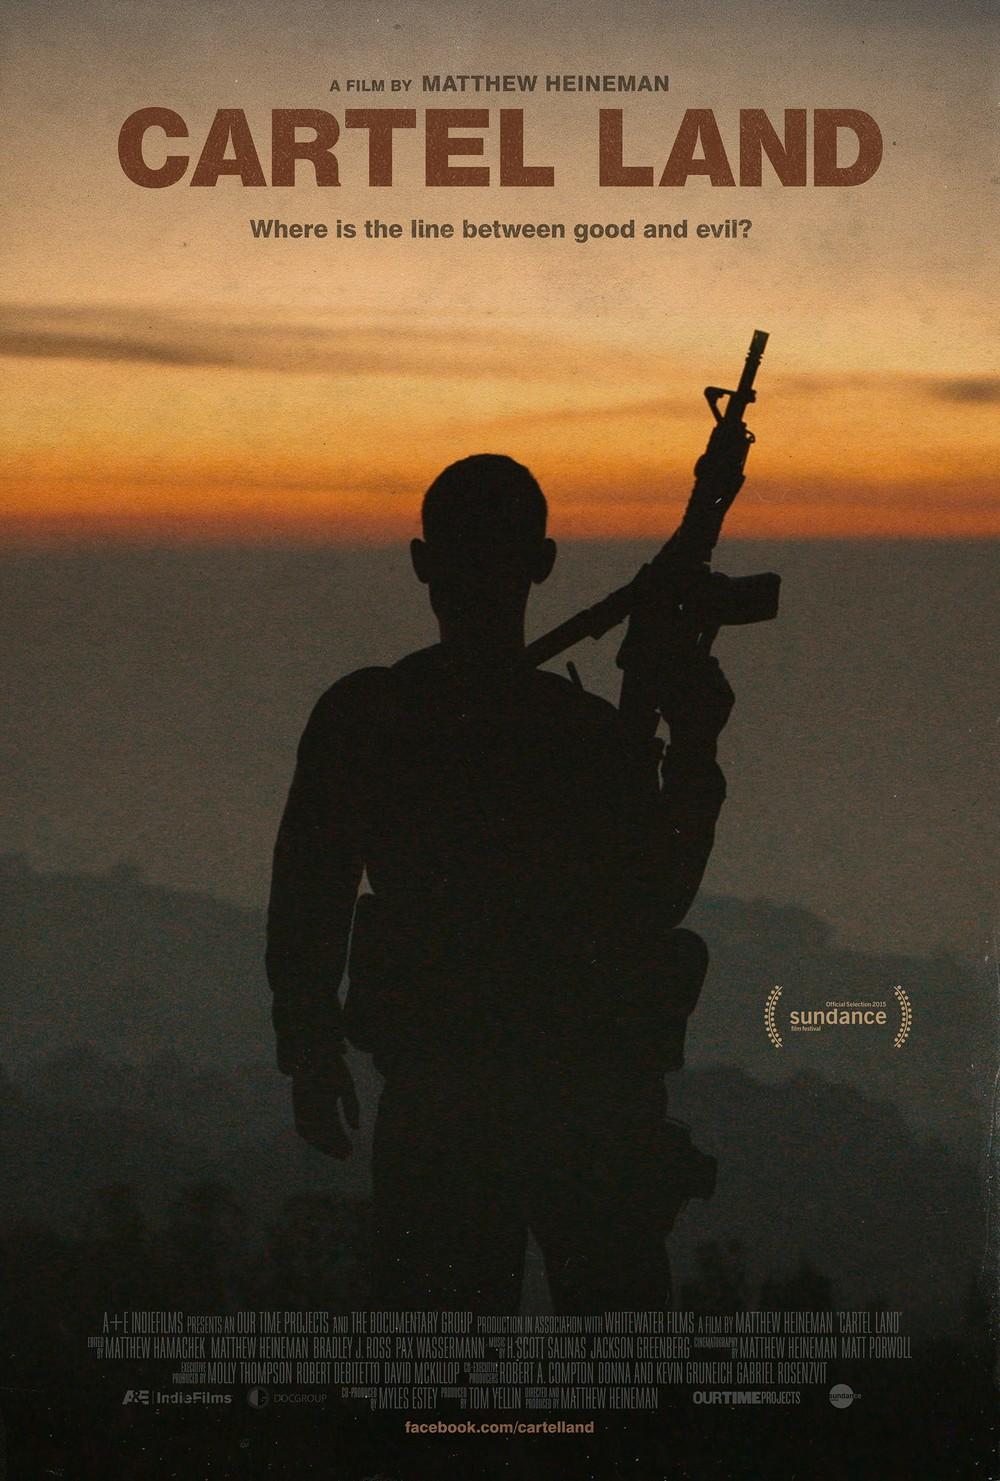 cartel land free download